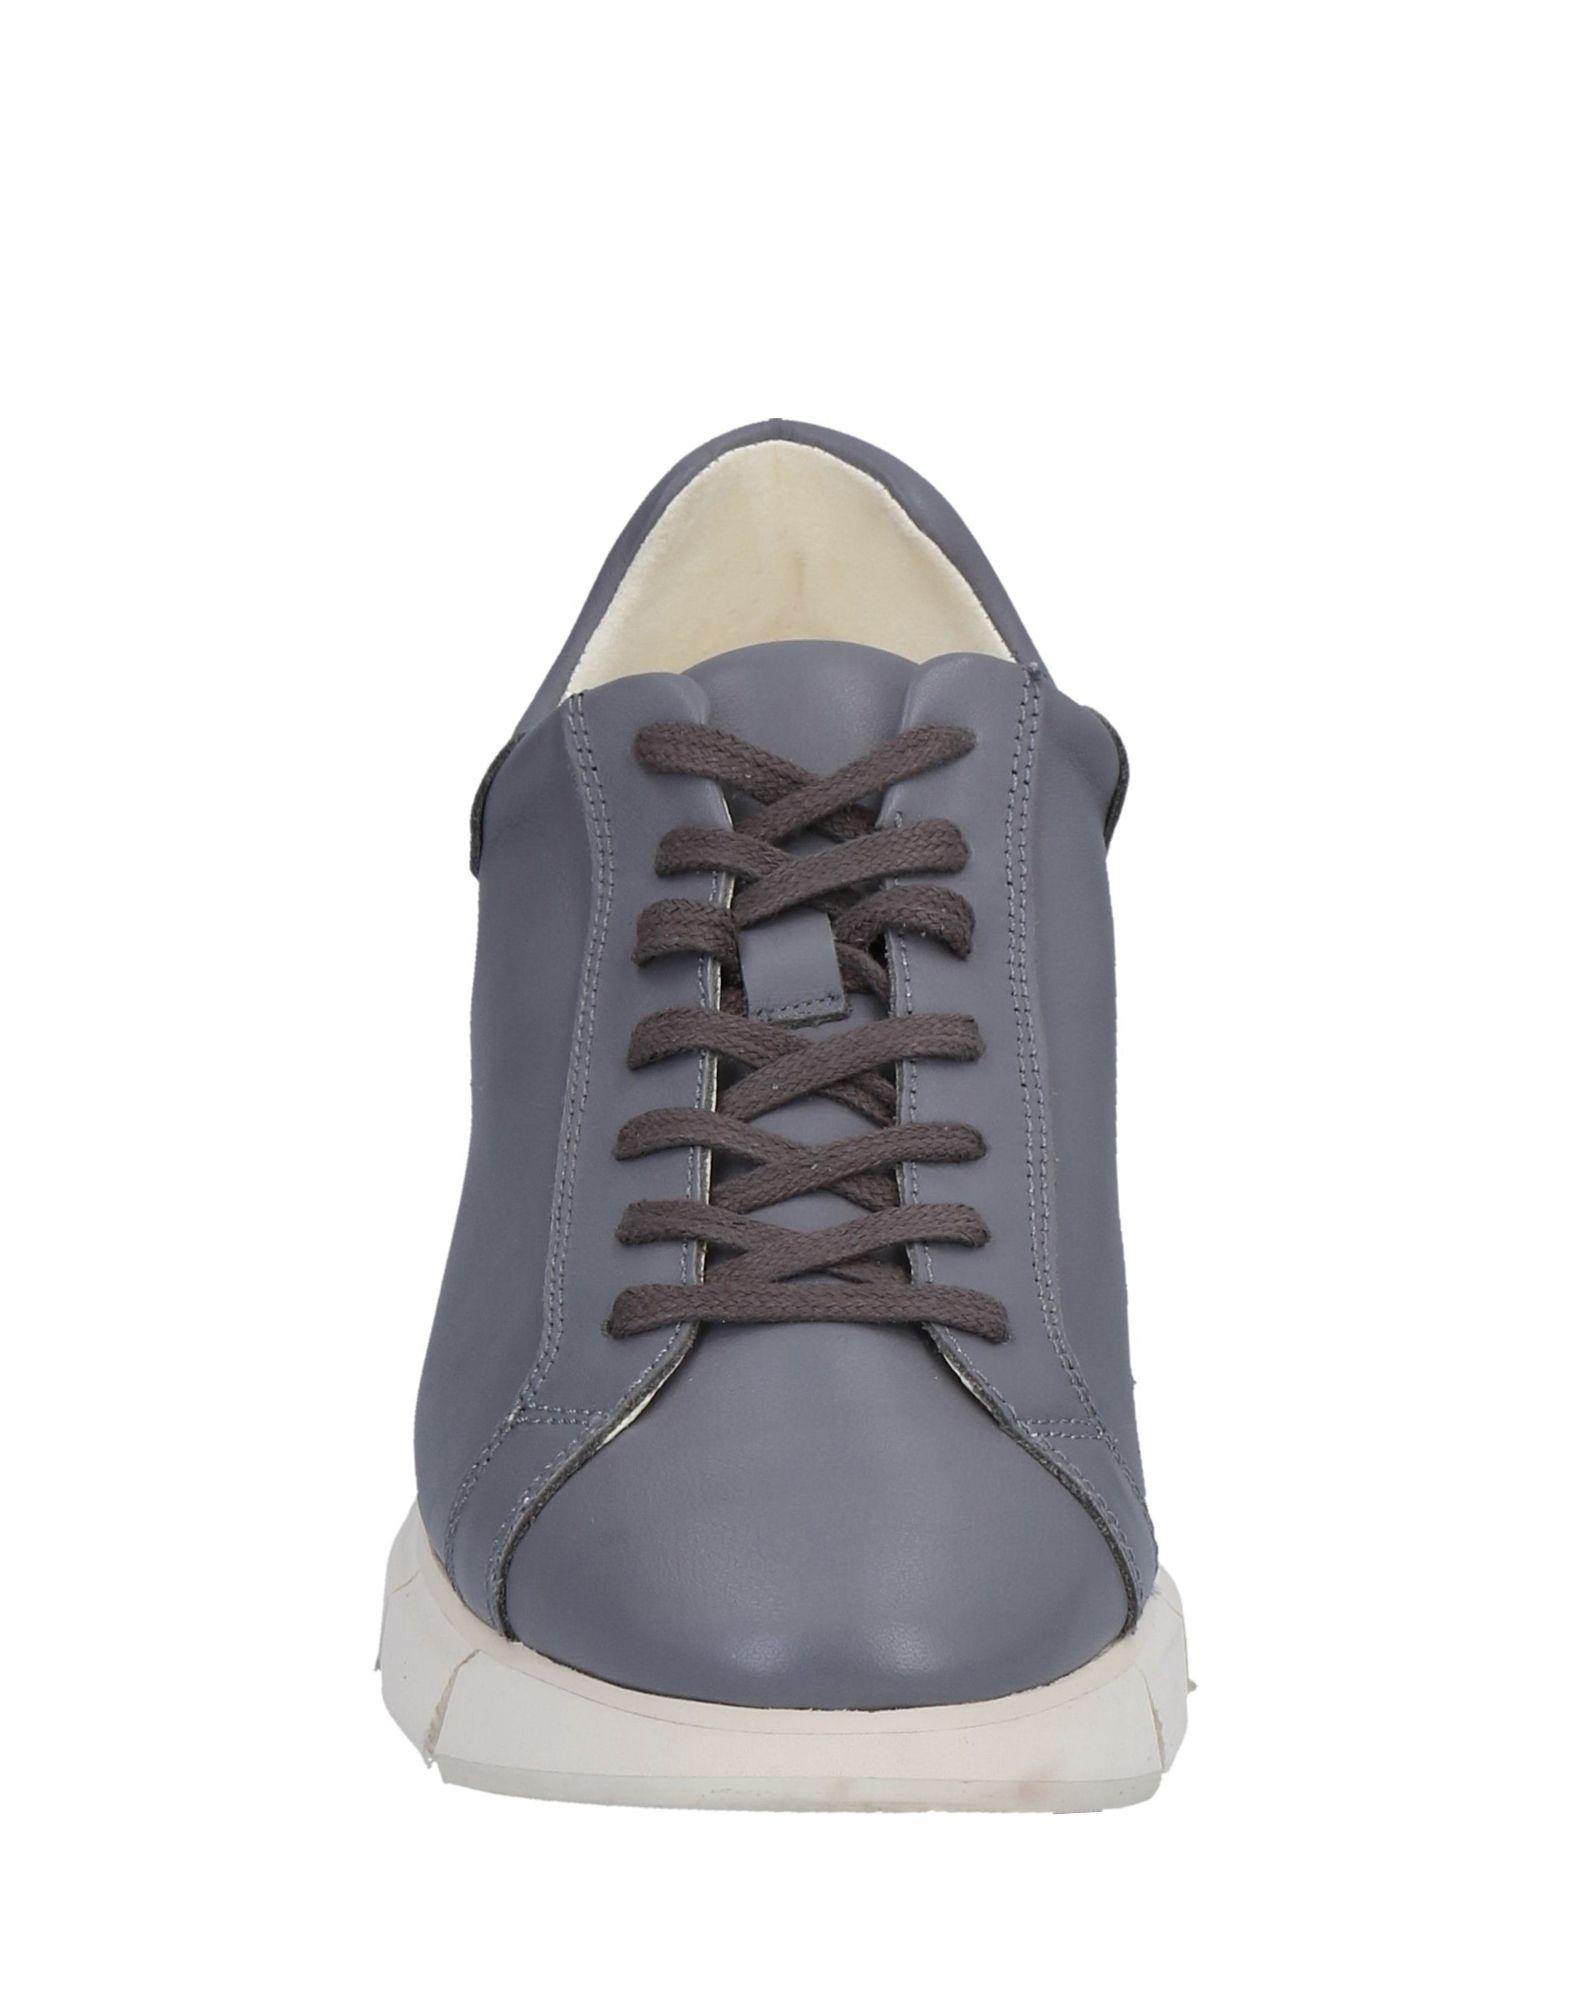 Rabatt Schuhe echte Schuhe Rabatt Manuel Barceló Sneakers Herren  11518914OP 128843